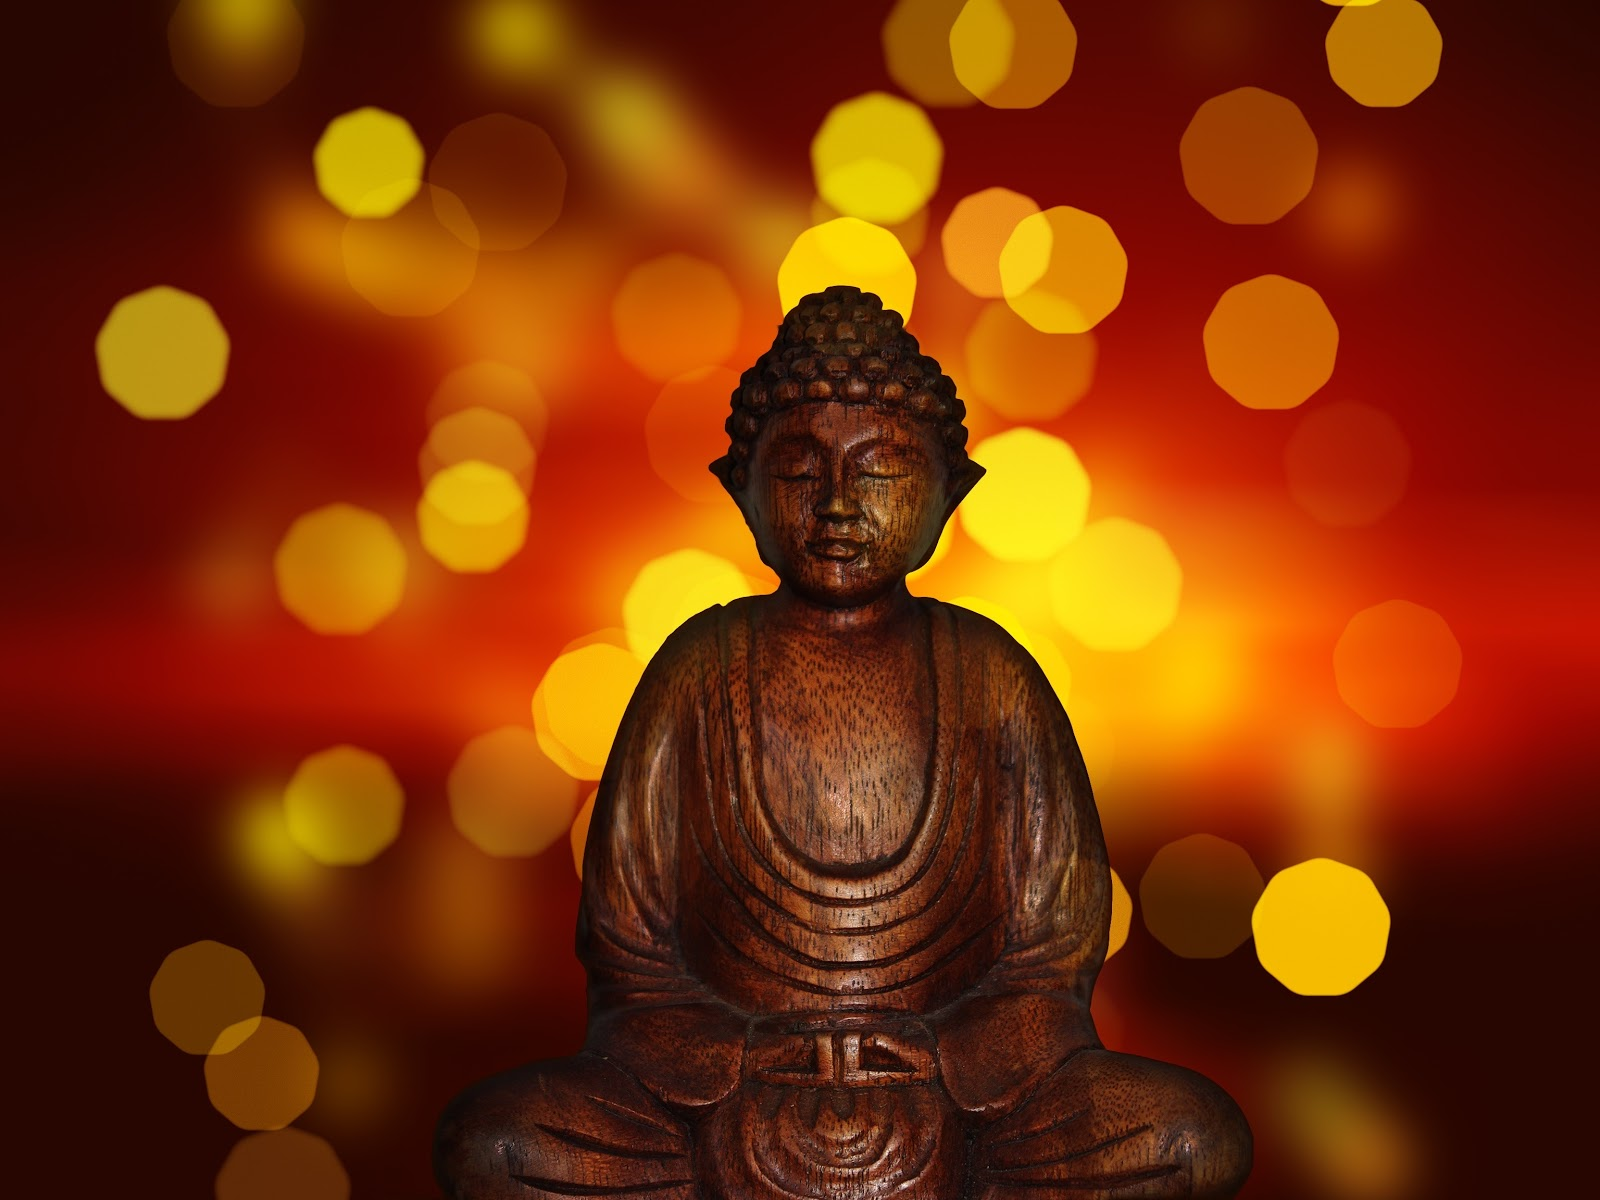 zen buddist statue